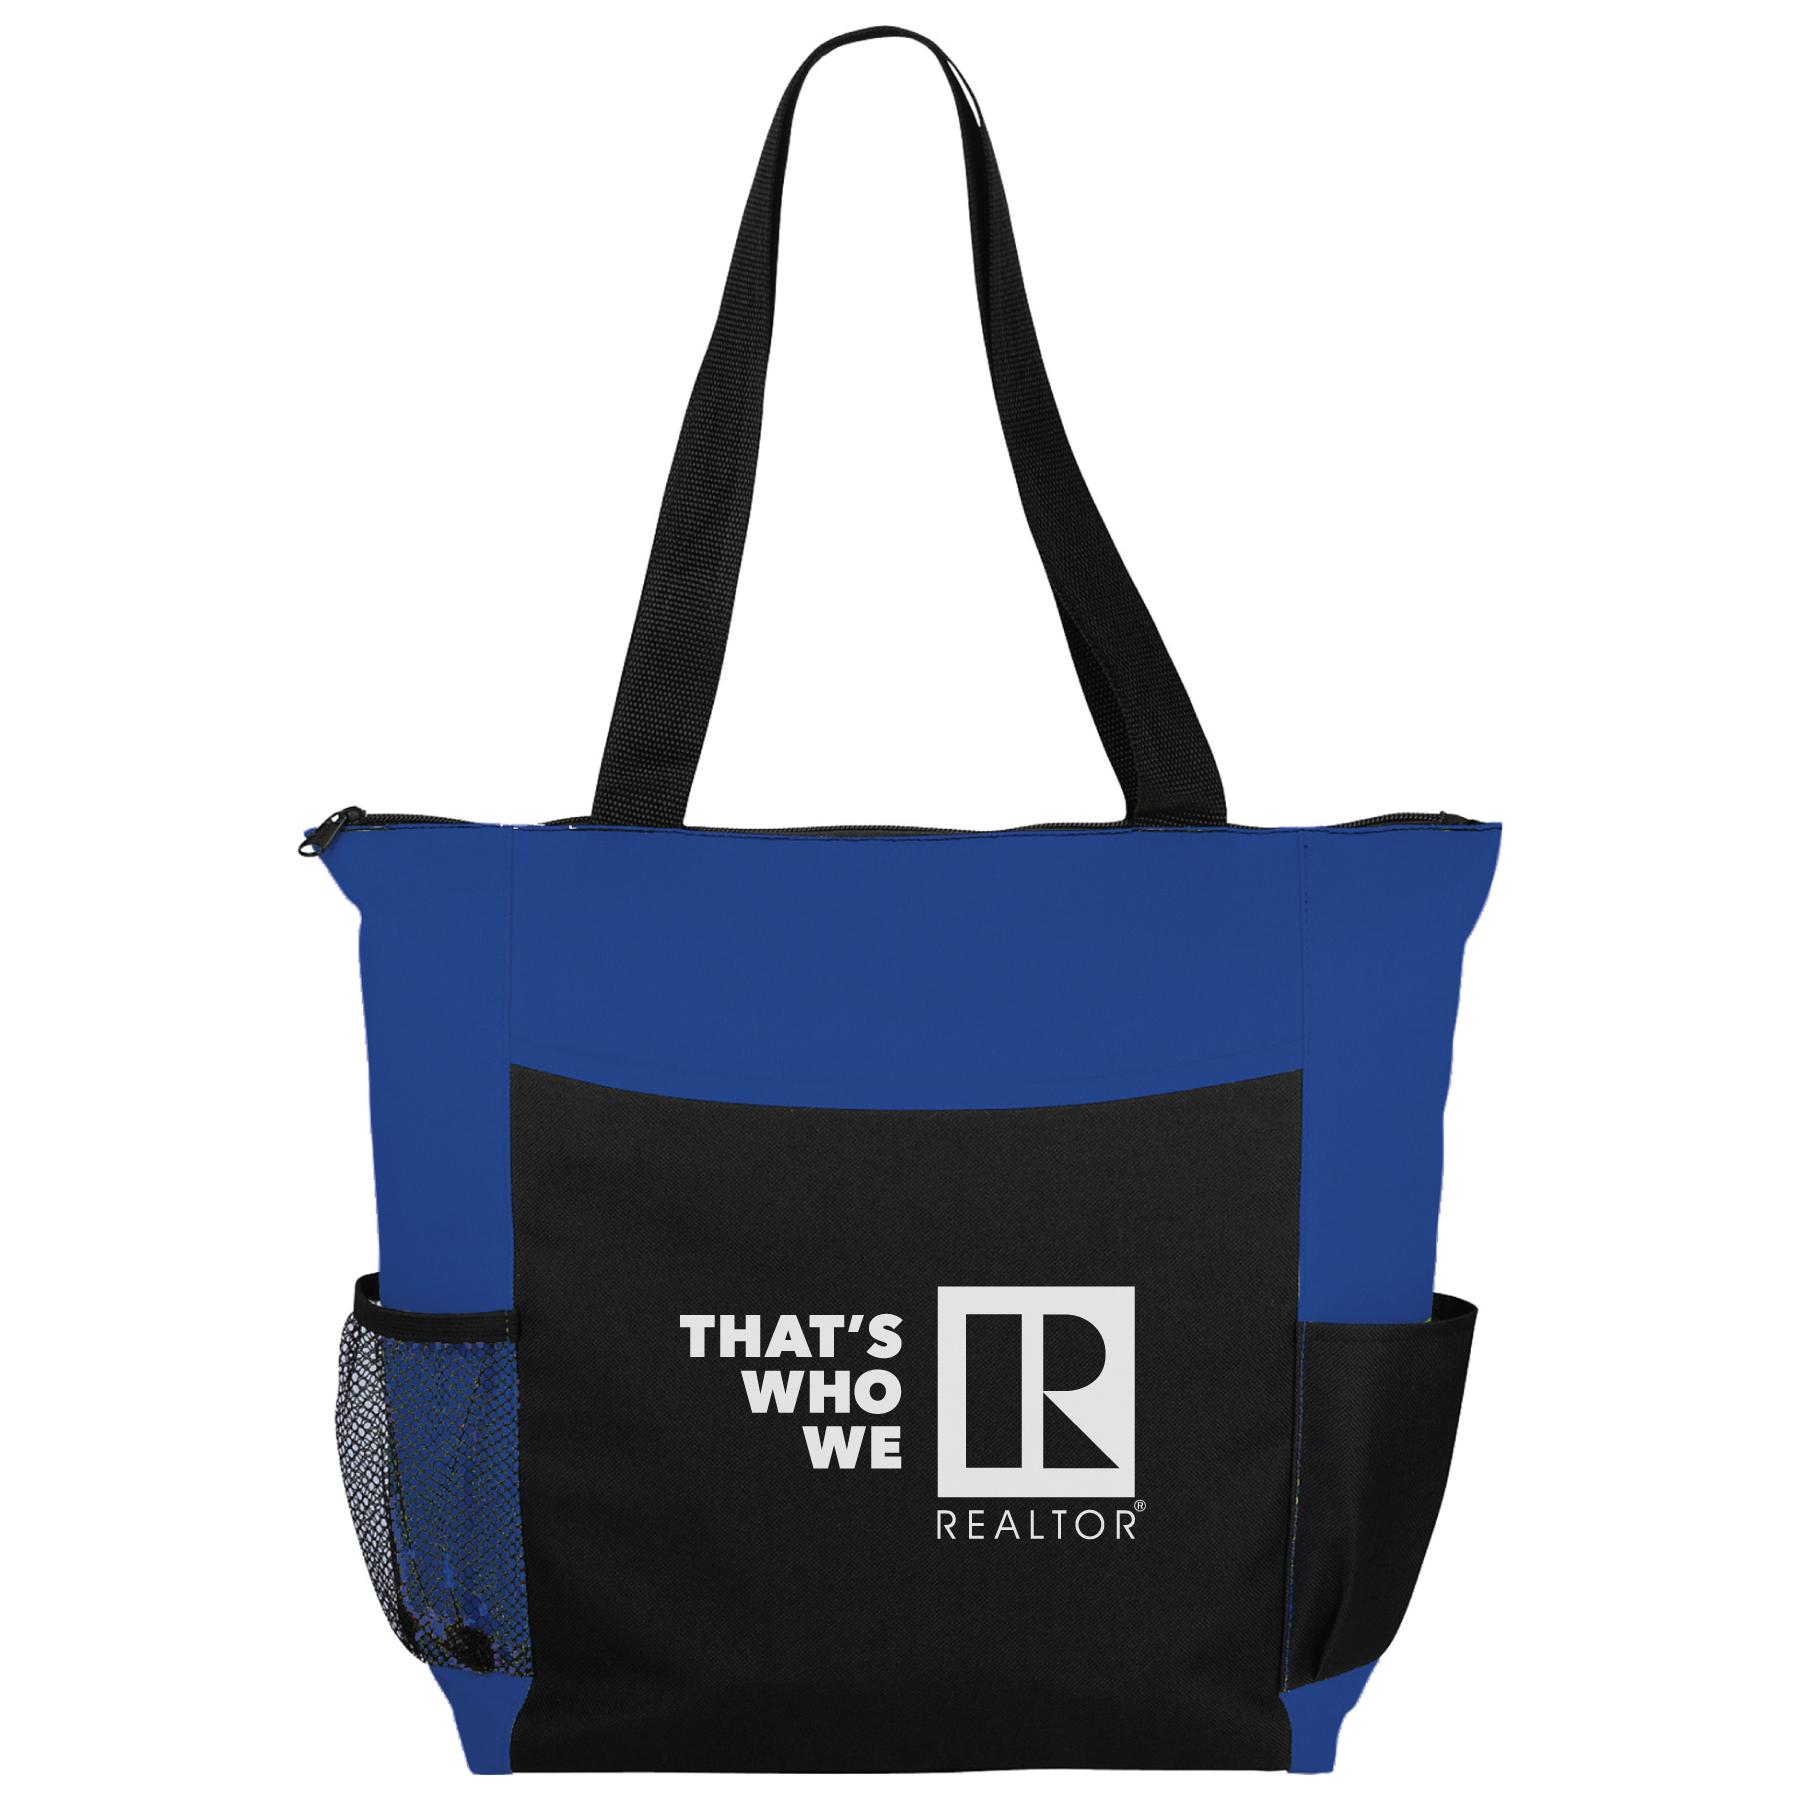 Realtor Bag